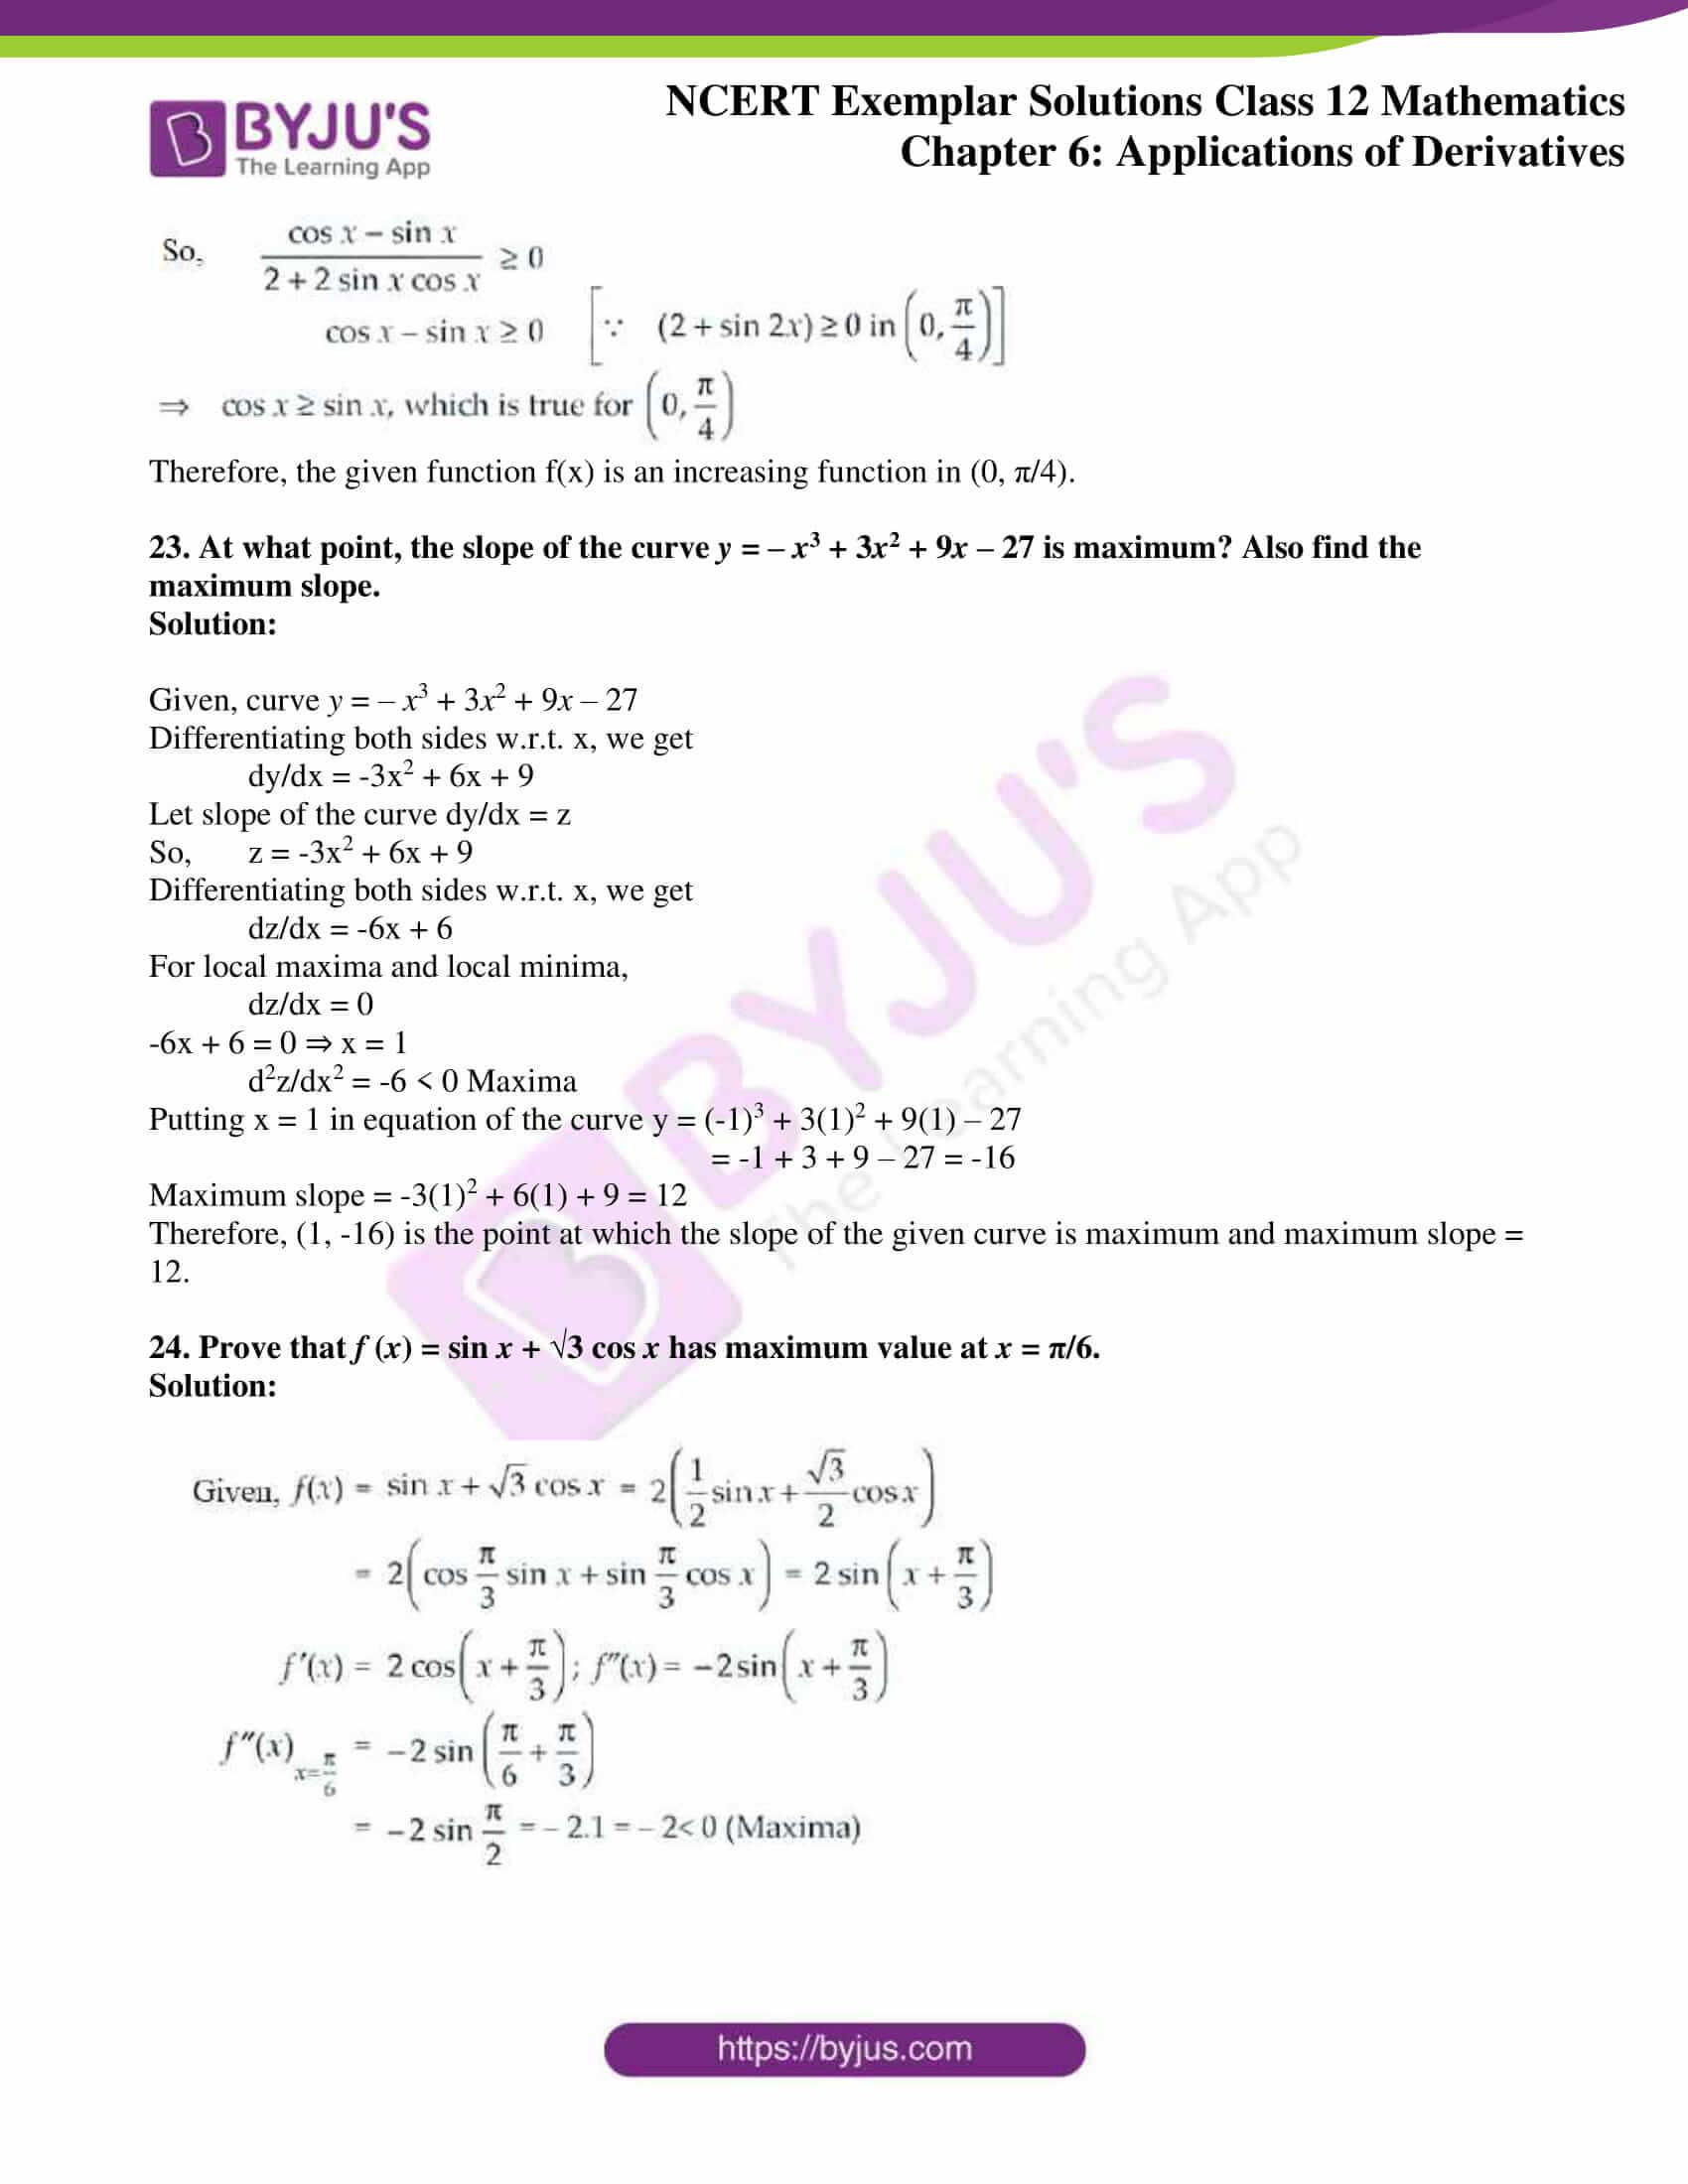 ncert exemplar sol class 12 math ch6 13